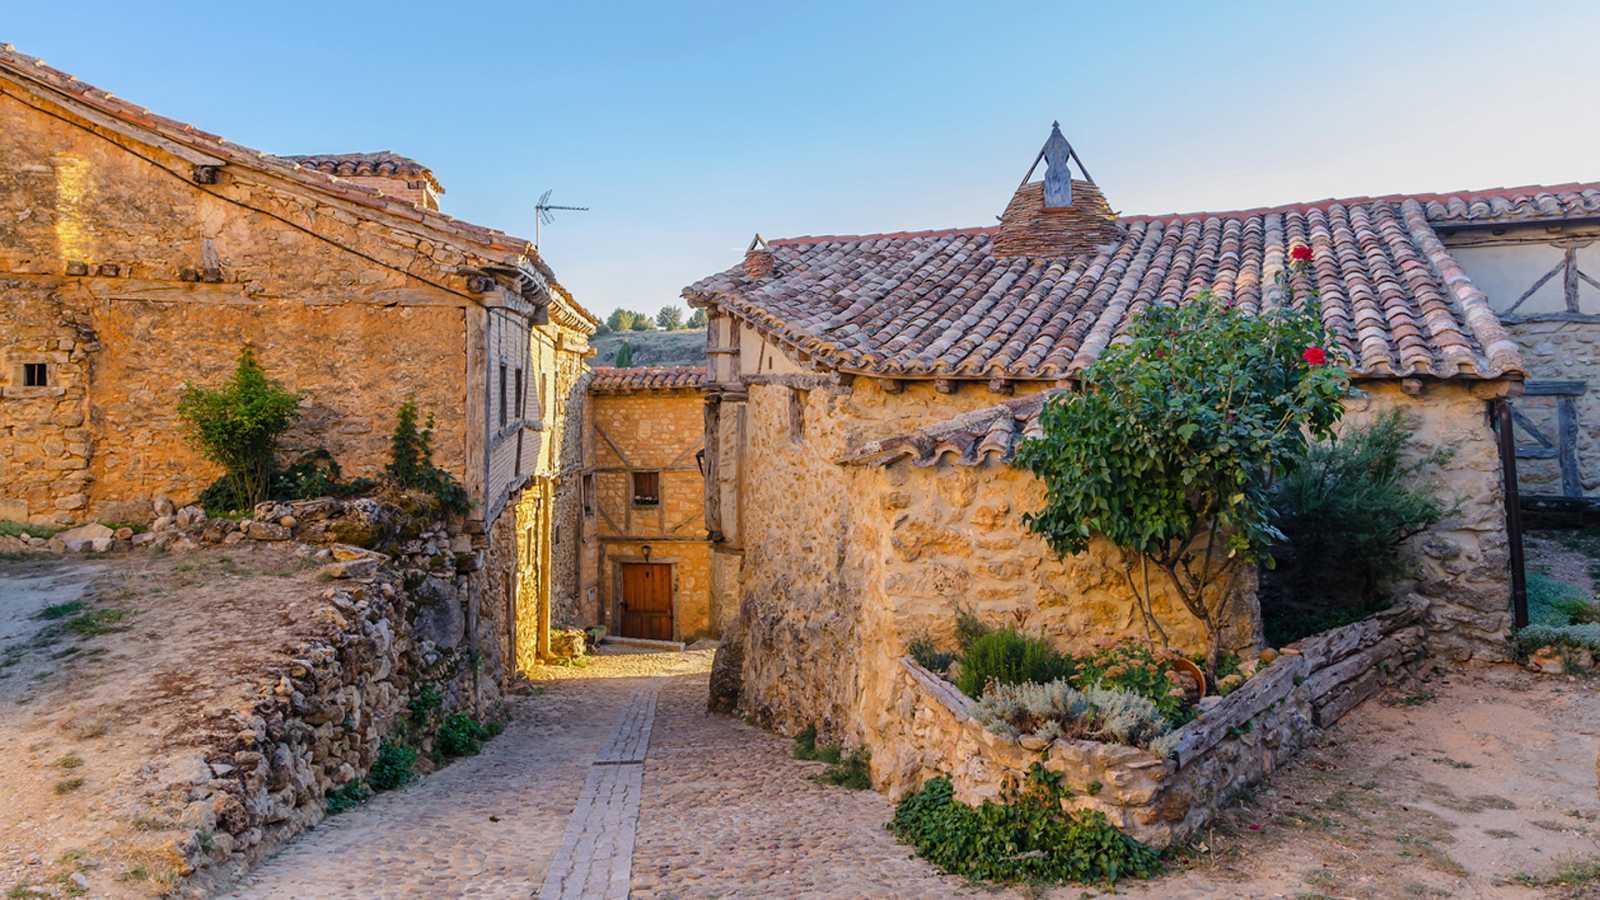 La mañana - La España vaciada: el desabastecimiento de las comarcas rurales